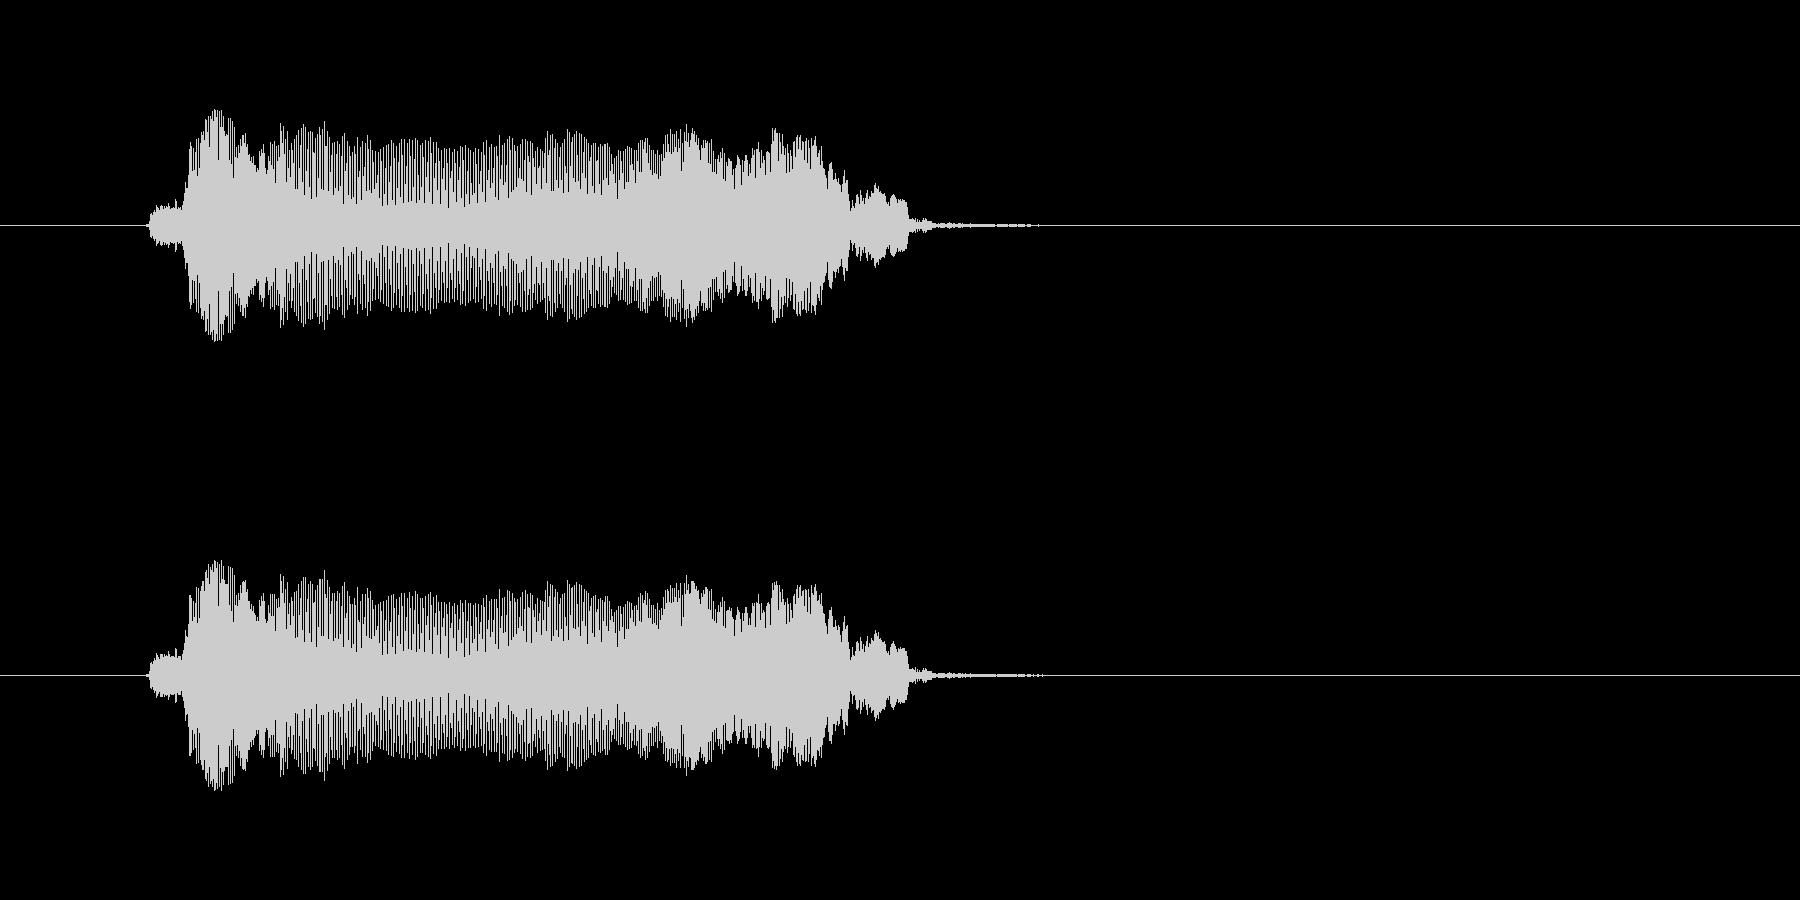 ハァーの未再生の波形